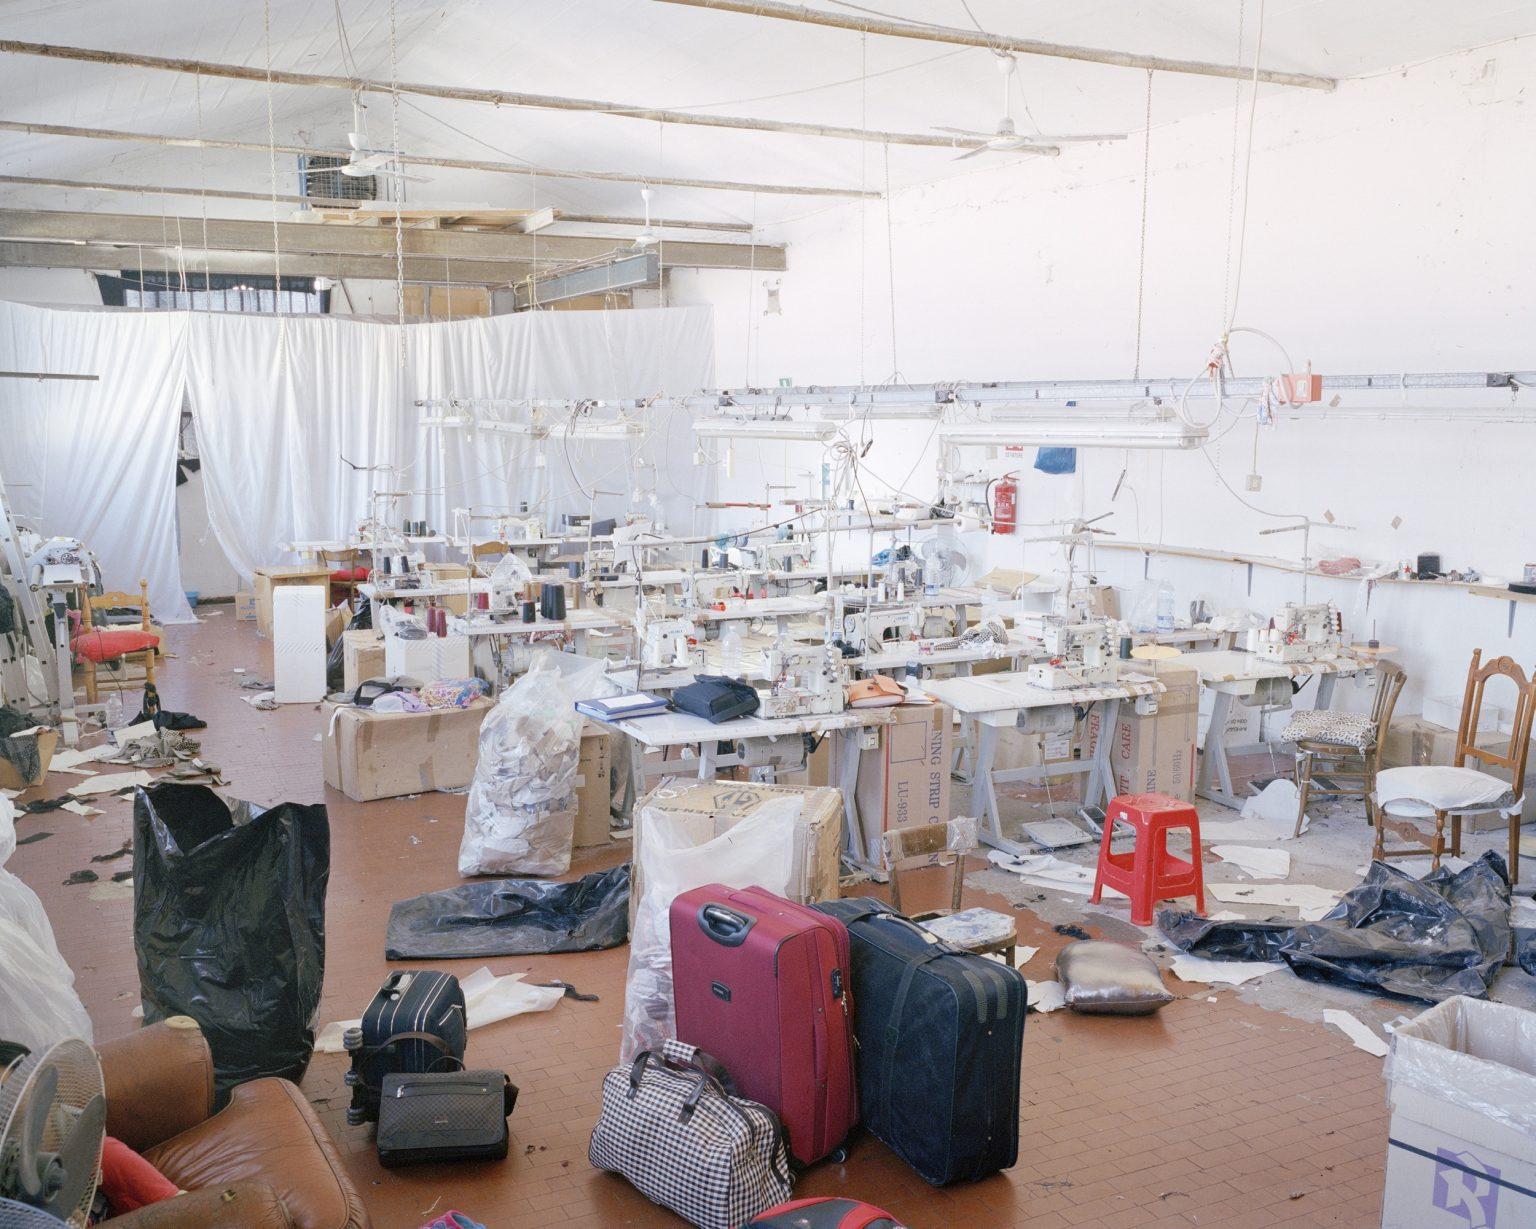 Textyle district, Prato. Chinese textile workshop seized by the Municipal Police.  >< Distretto tessile del Macrolotto, Prato. Laboratorio tessile cinese posto sotto sequestro dalla Polizia Municipale di Prato.